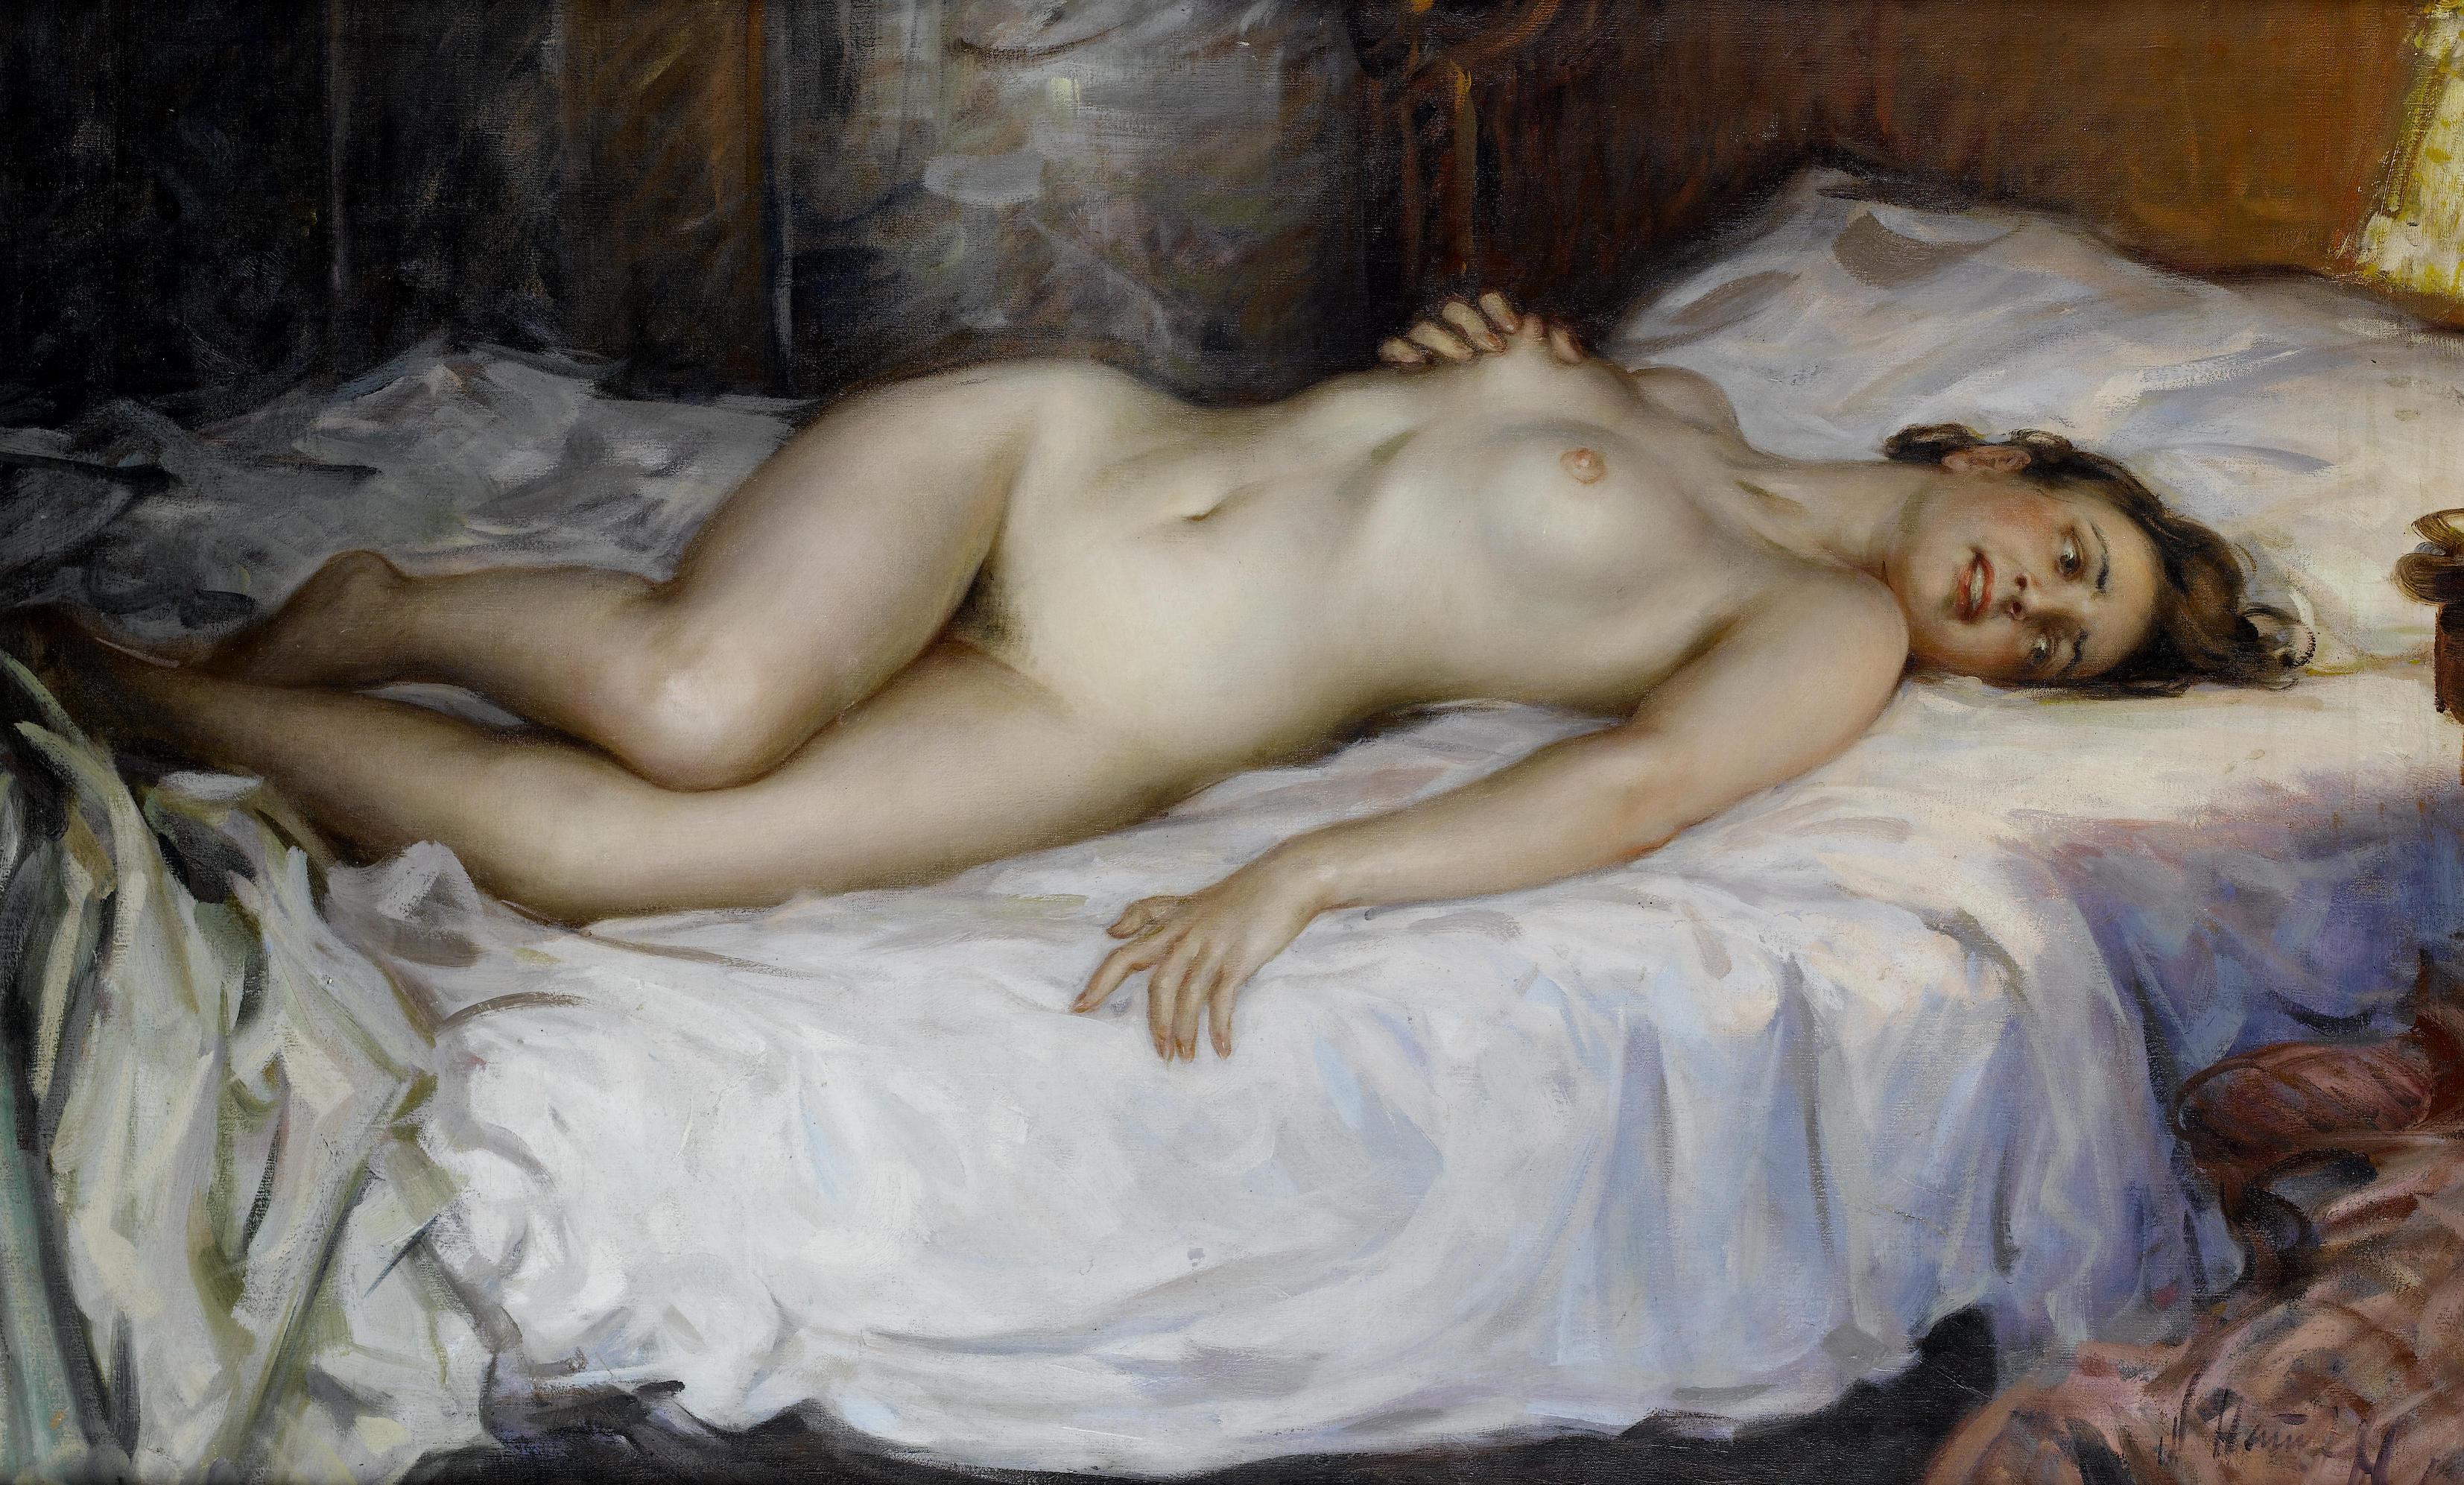 Рисованные иллюстрации голых девушек и женщин 15 фотография